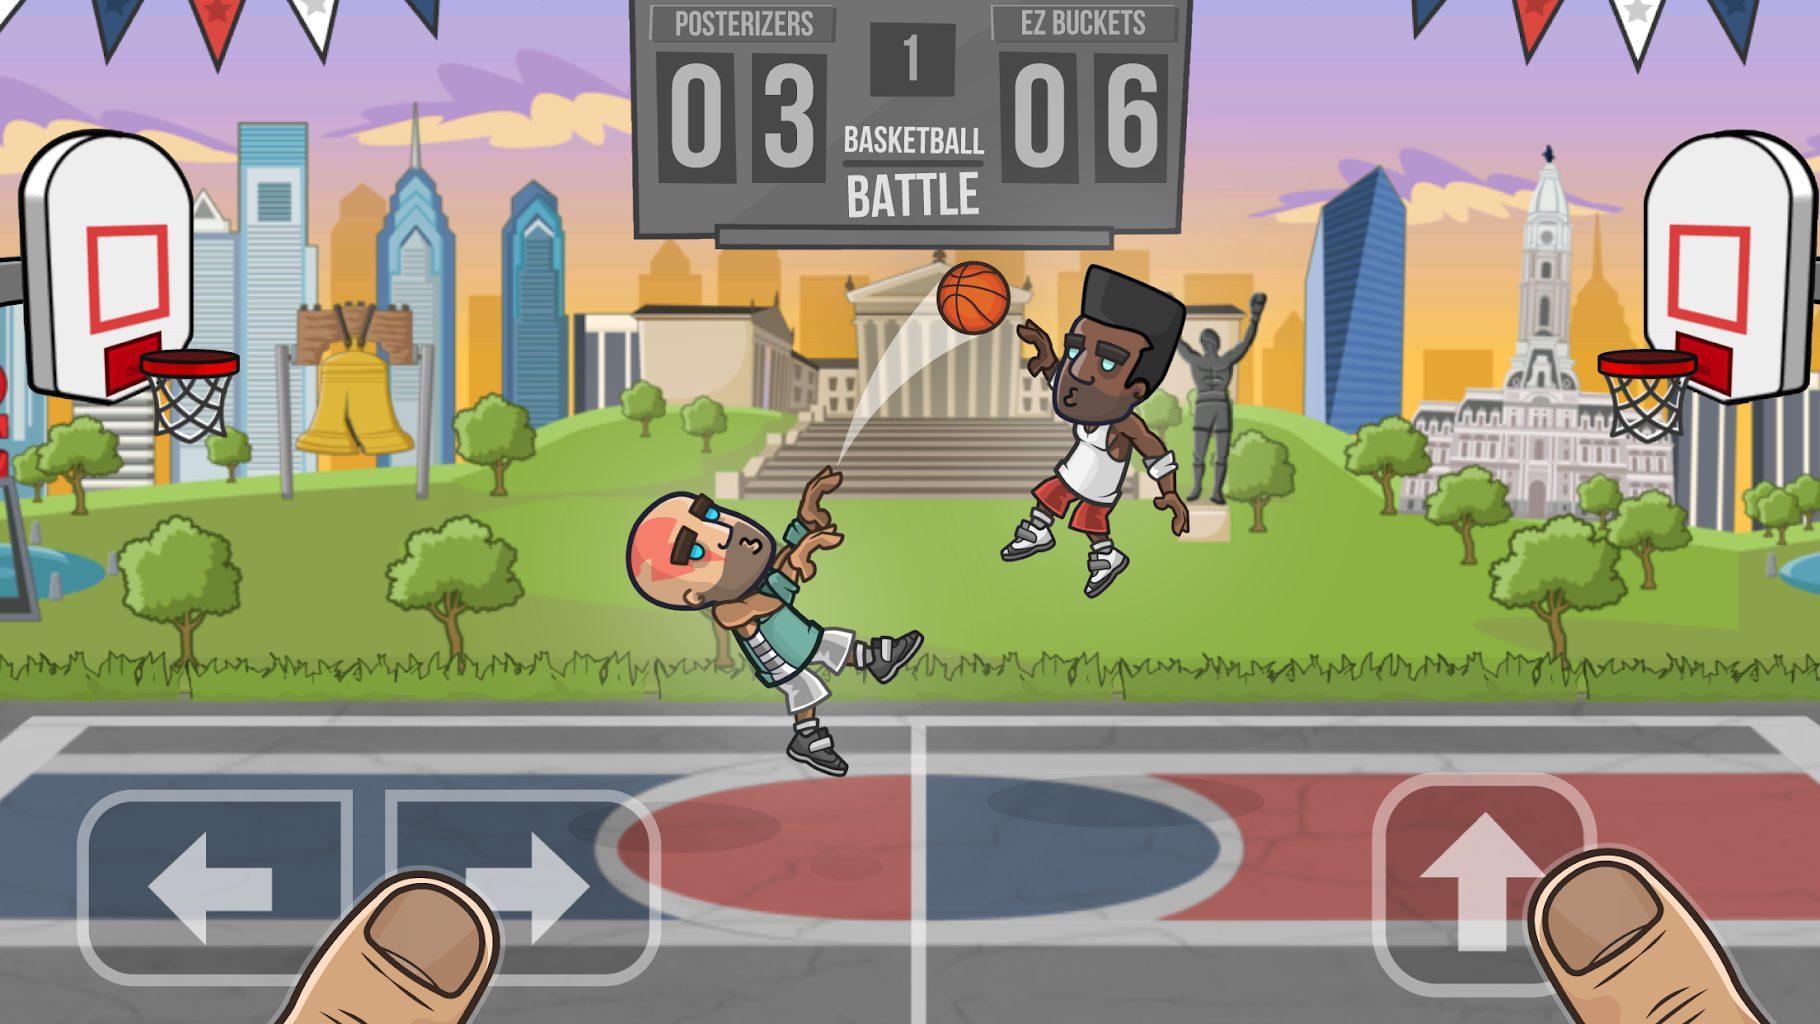 скачать взлом basketball battle